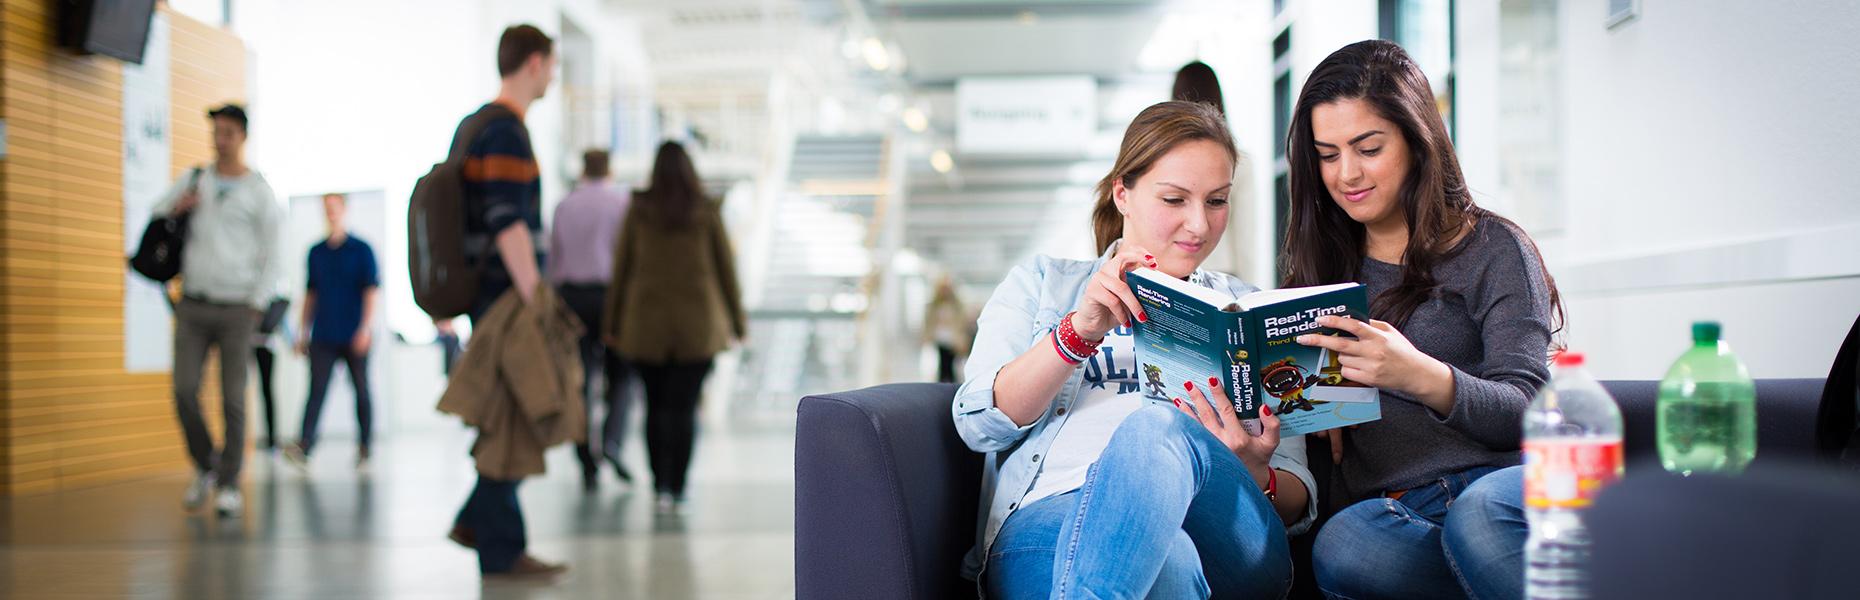 Zwei junge Frauen sitzen auf einer Couch und schauen gemeinsam in ein Fachbuch für Medieninformatik.